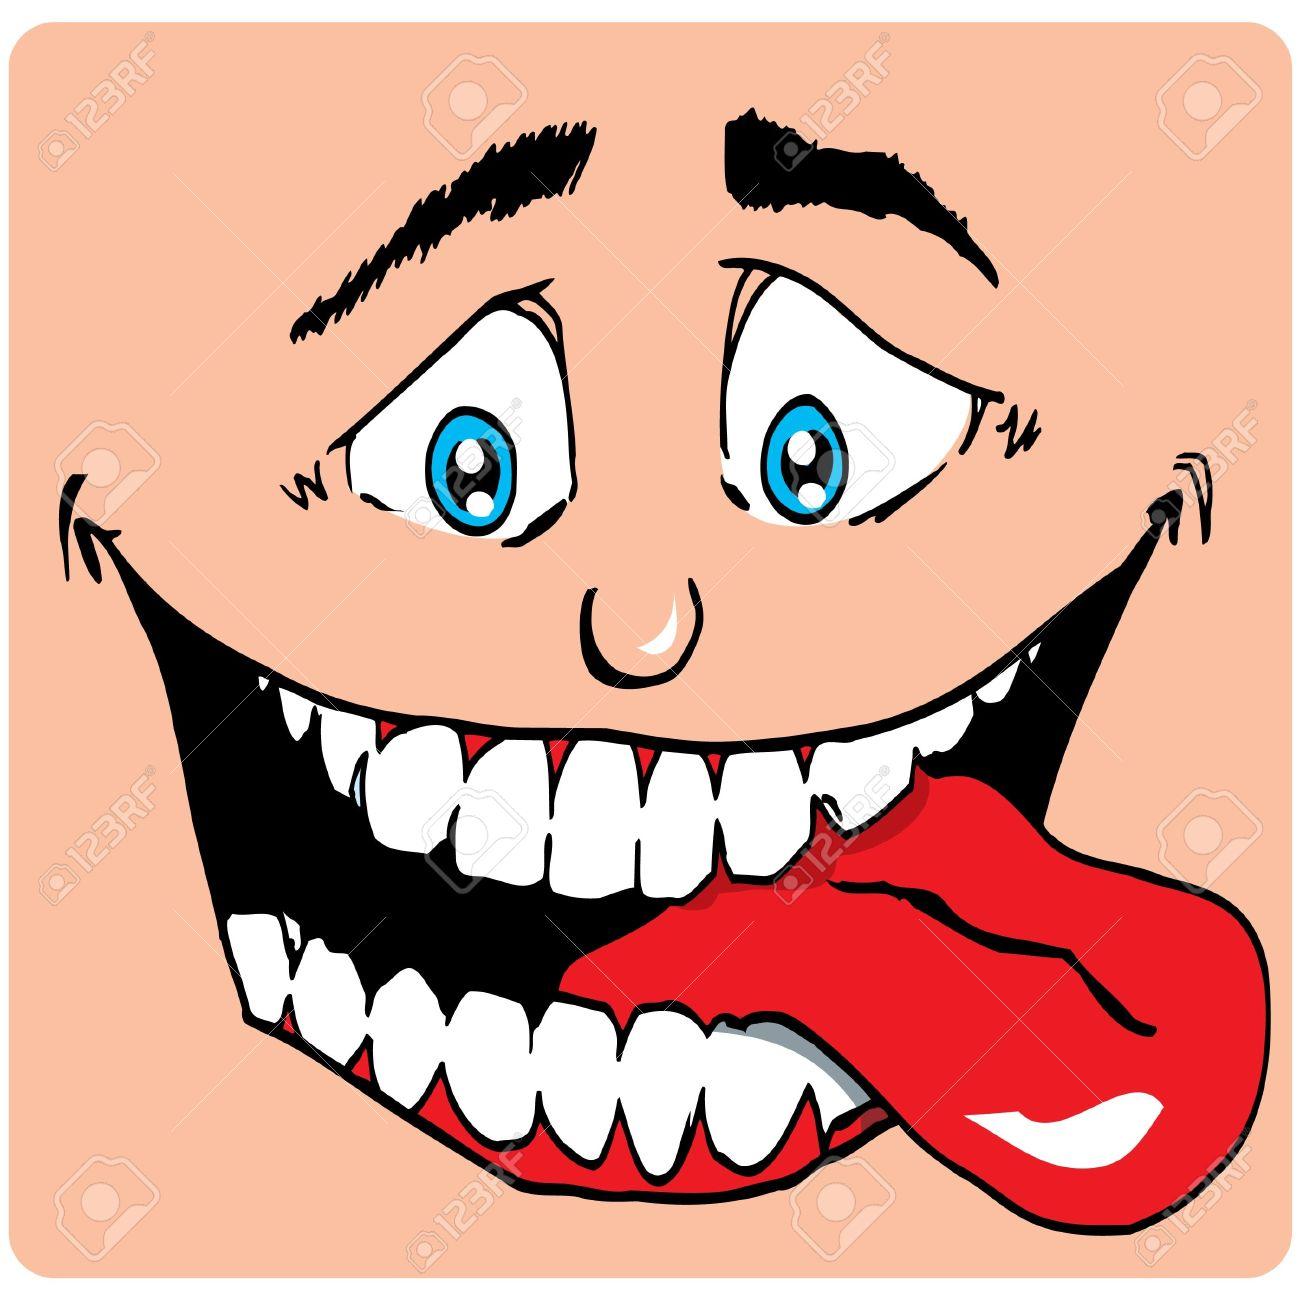 9701397-Cartoon-Face-of-man-with-a-big-m